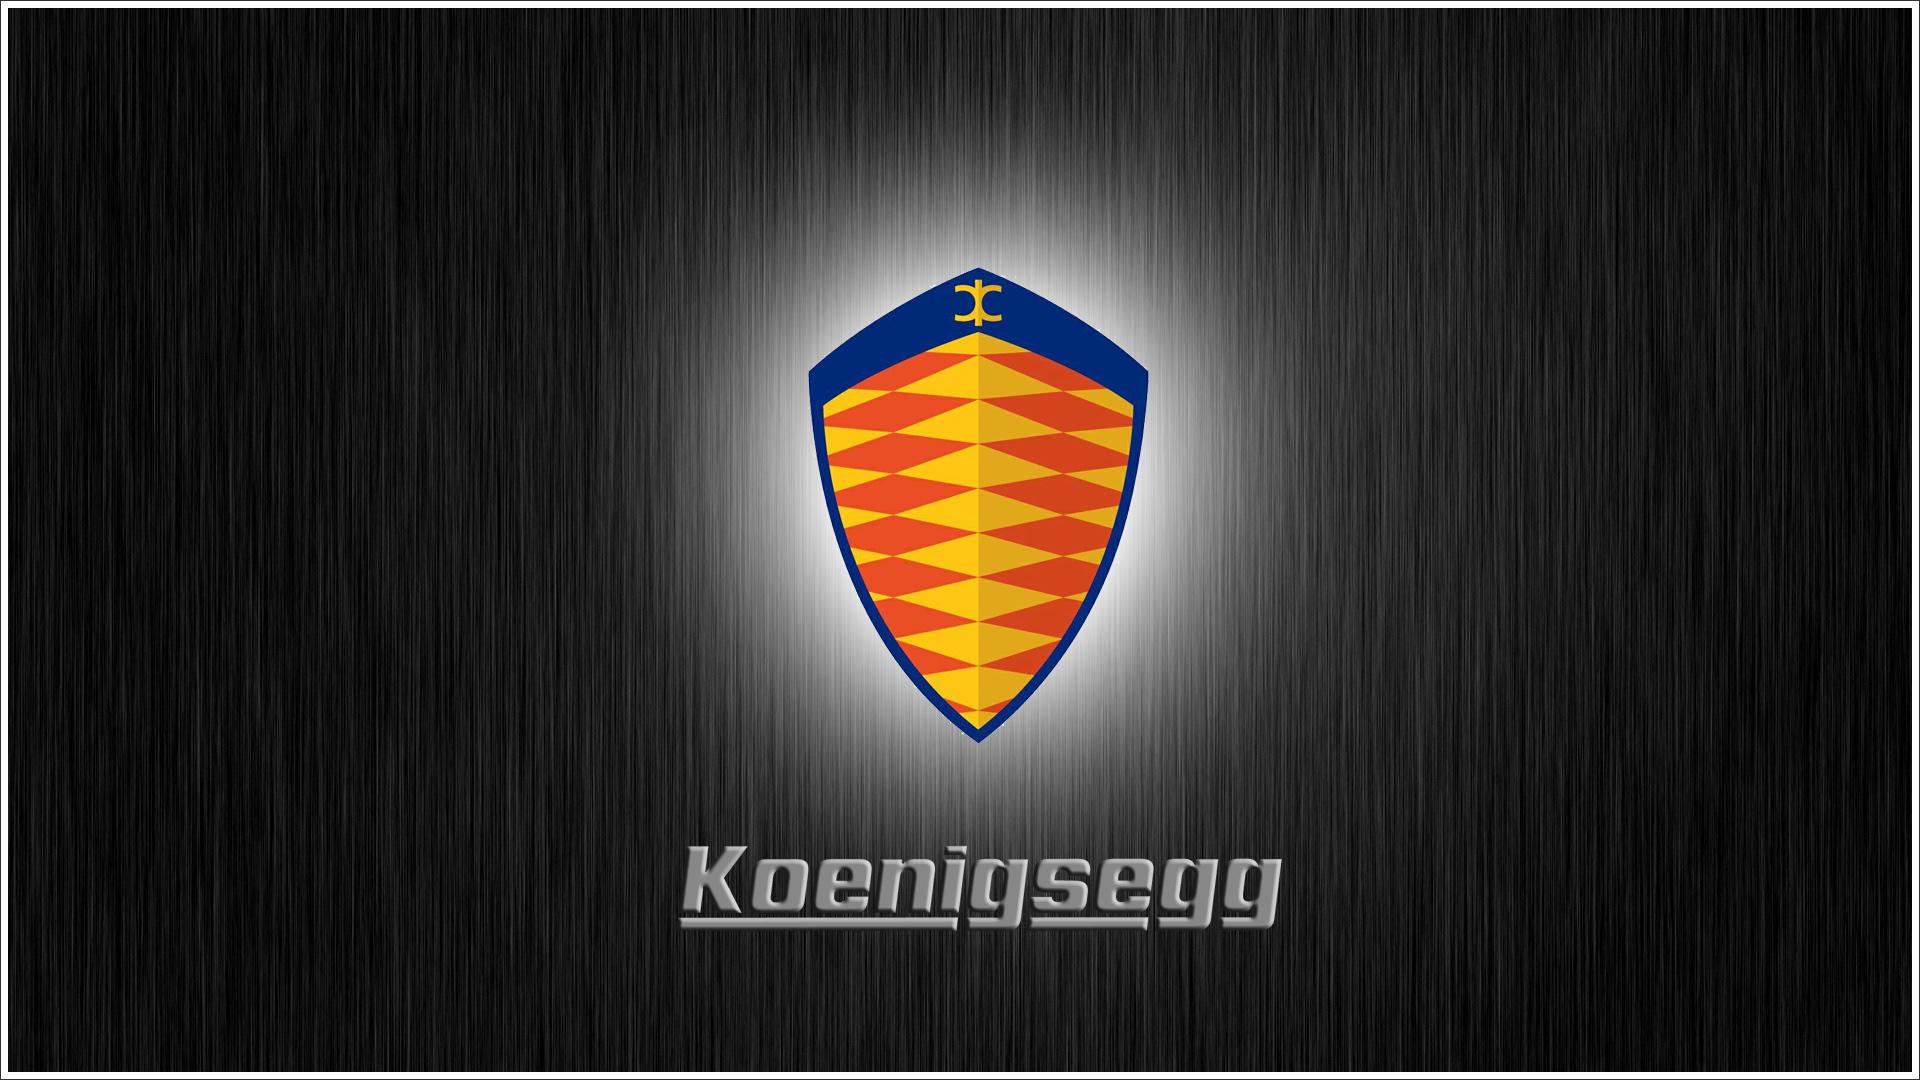 Koenigsegg Emblem Wallpaper